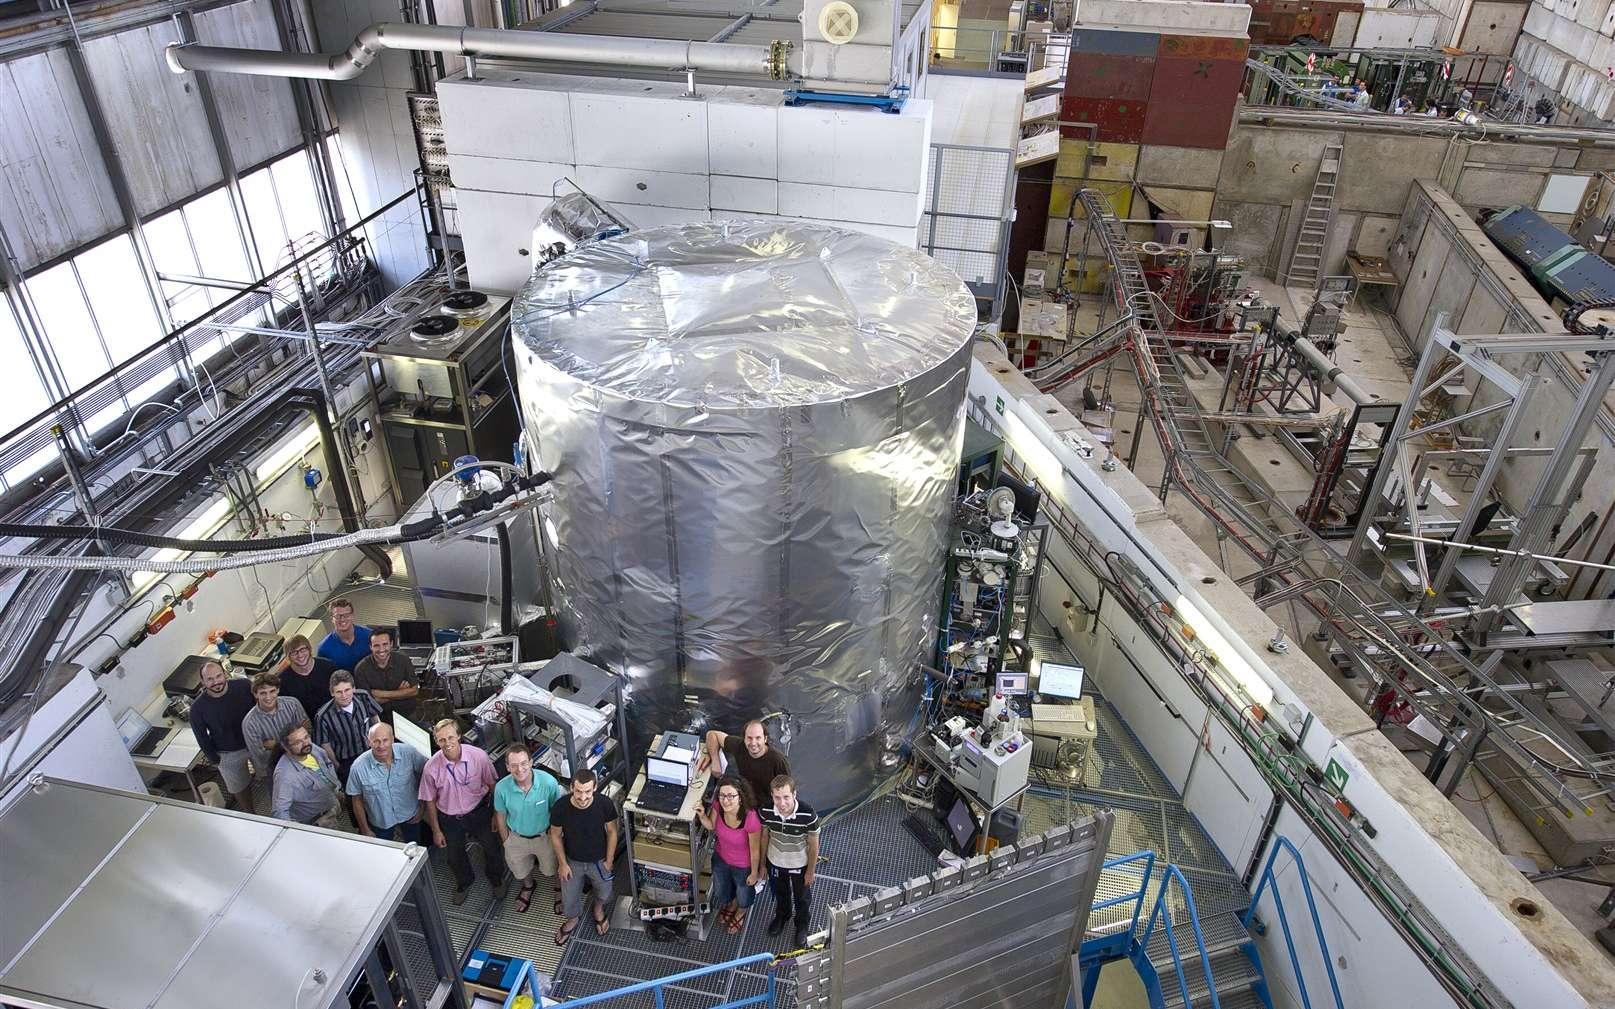 Une vue de l'équipe de l'expérience Cloud devant sa chambre de 3 m de diamètre en acier inoxydable, contenant de l'air humidifié ultrapur et des traces de gaz choisis, placée dans la trajectoire d'un faisceau de pions chargés qui simule les rayons cosmiques ionisants. © 2011 Cern-Maximilien Brice